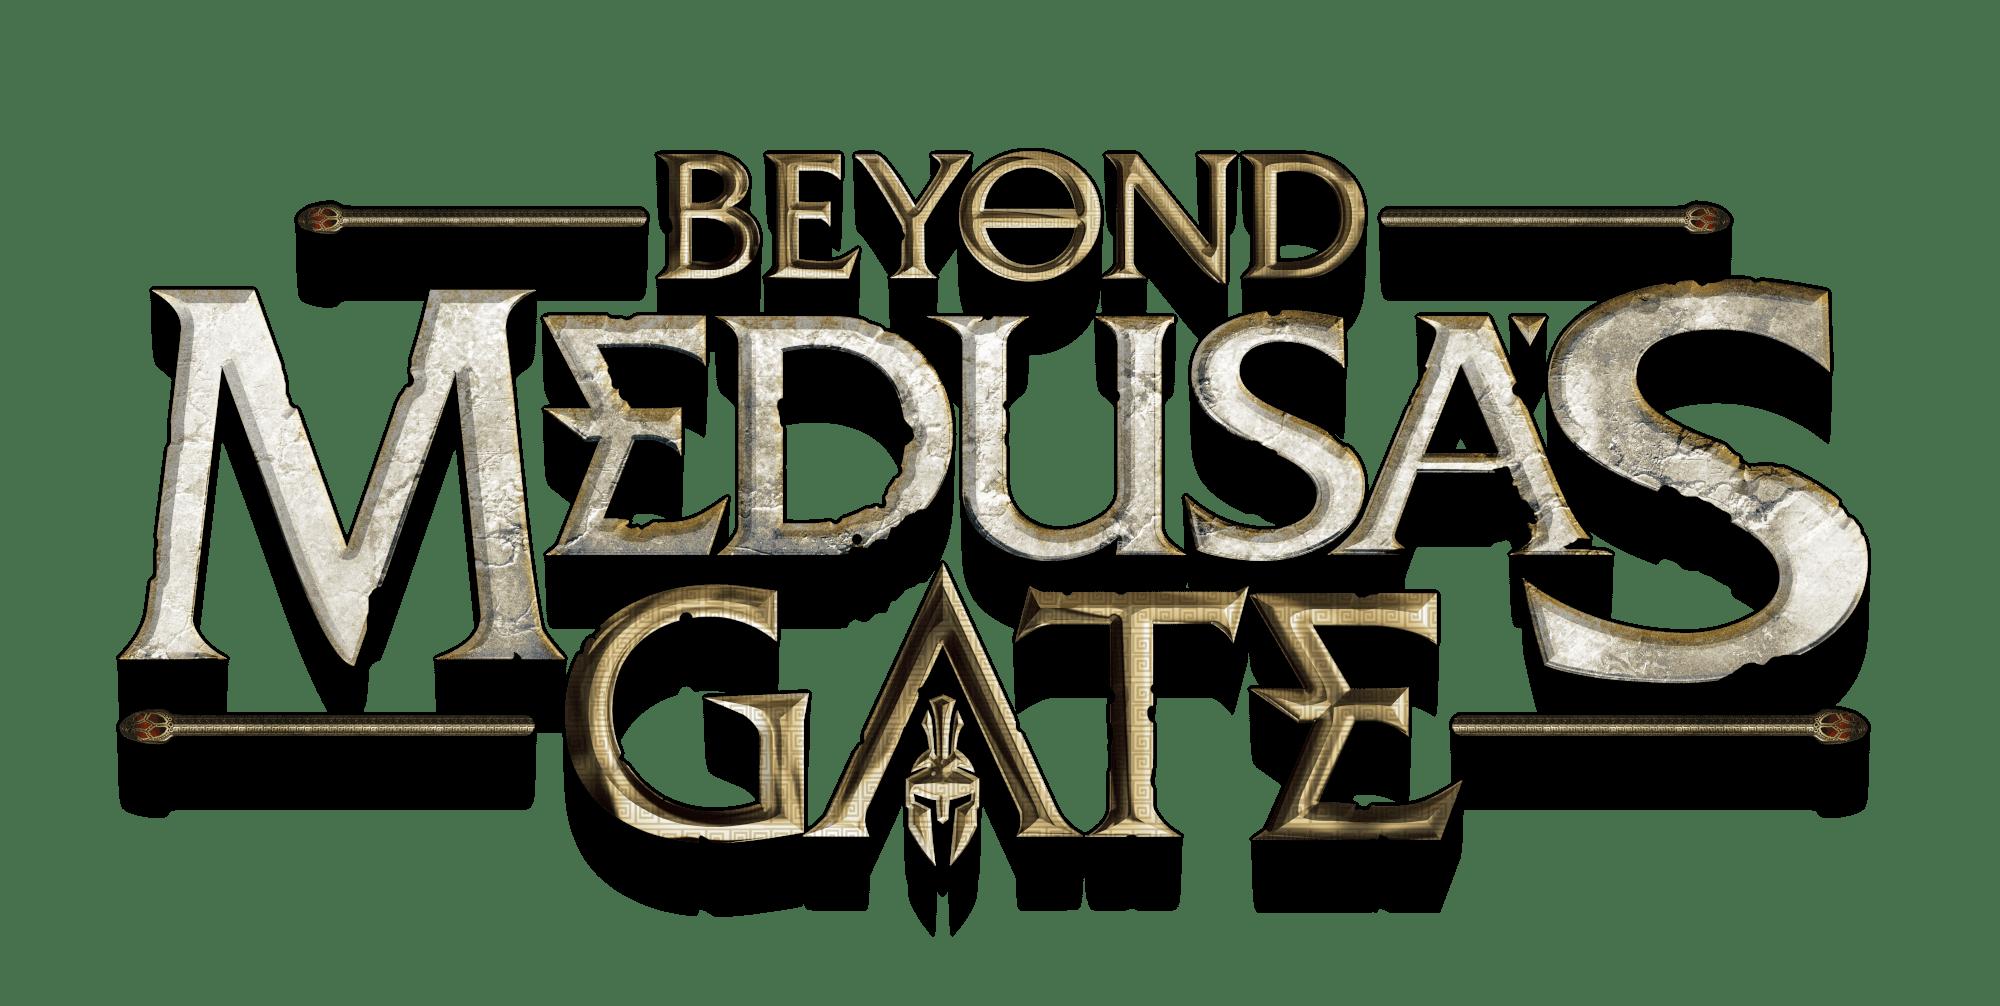 Beyond Medusa's Gate logo